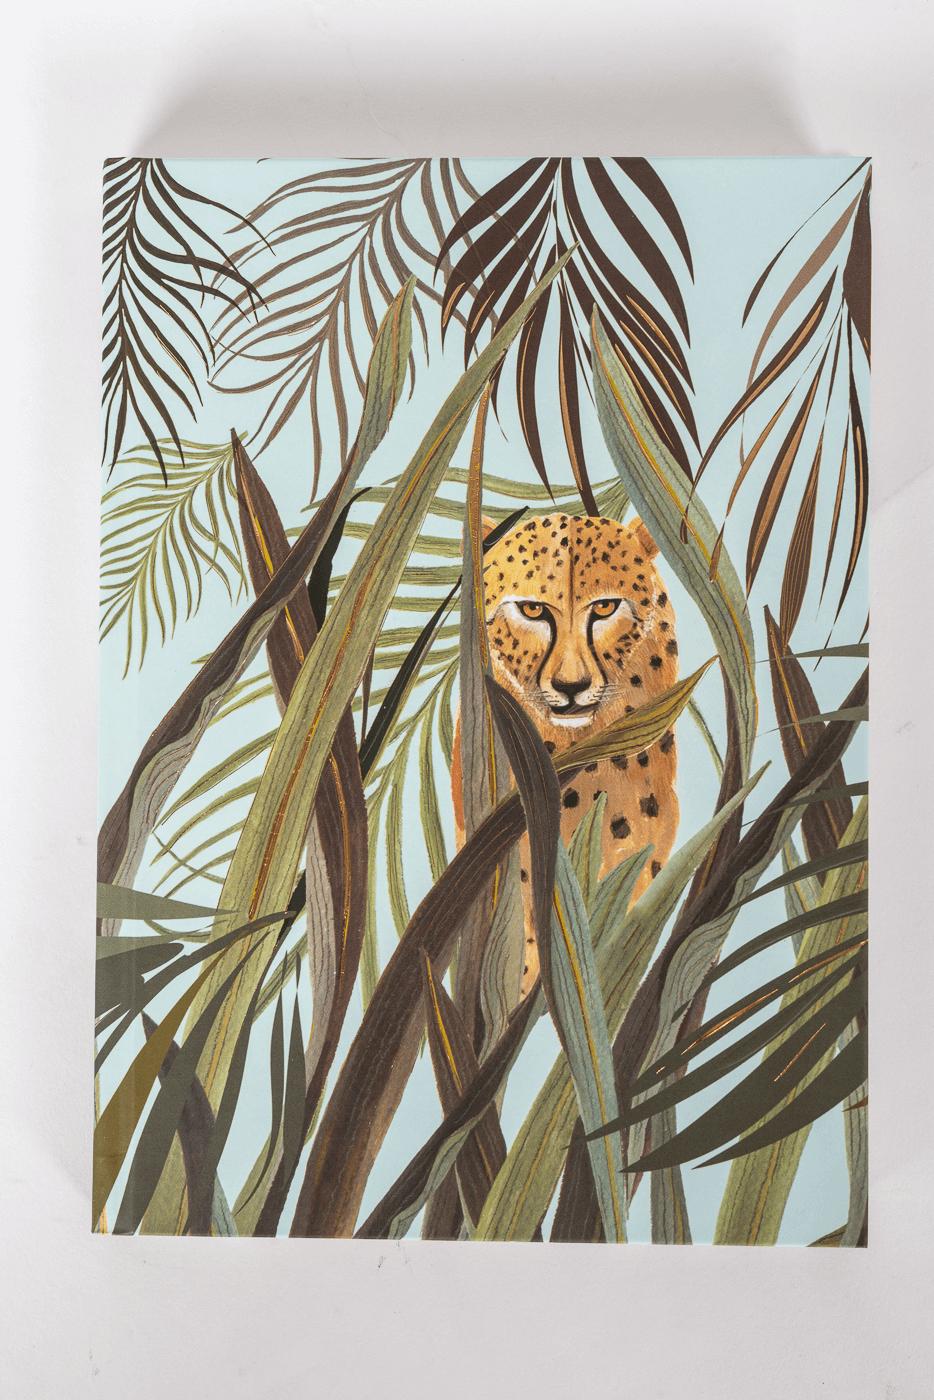 Notizbuch Wild Life, Gepard